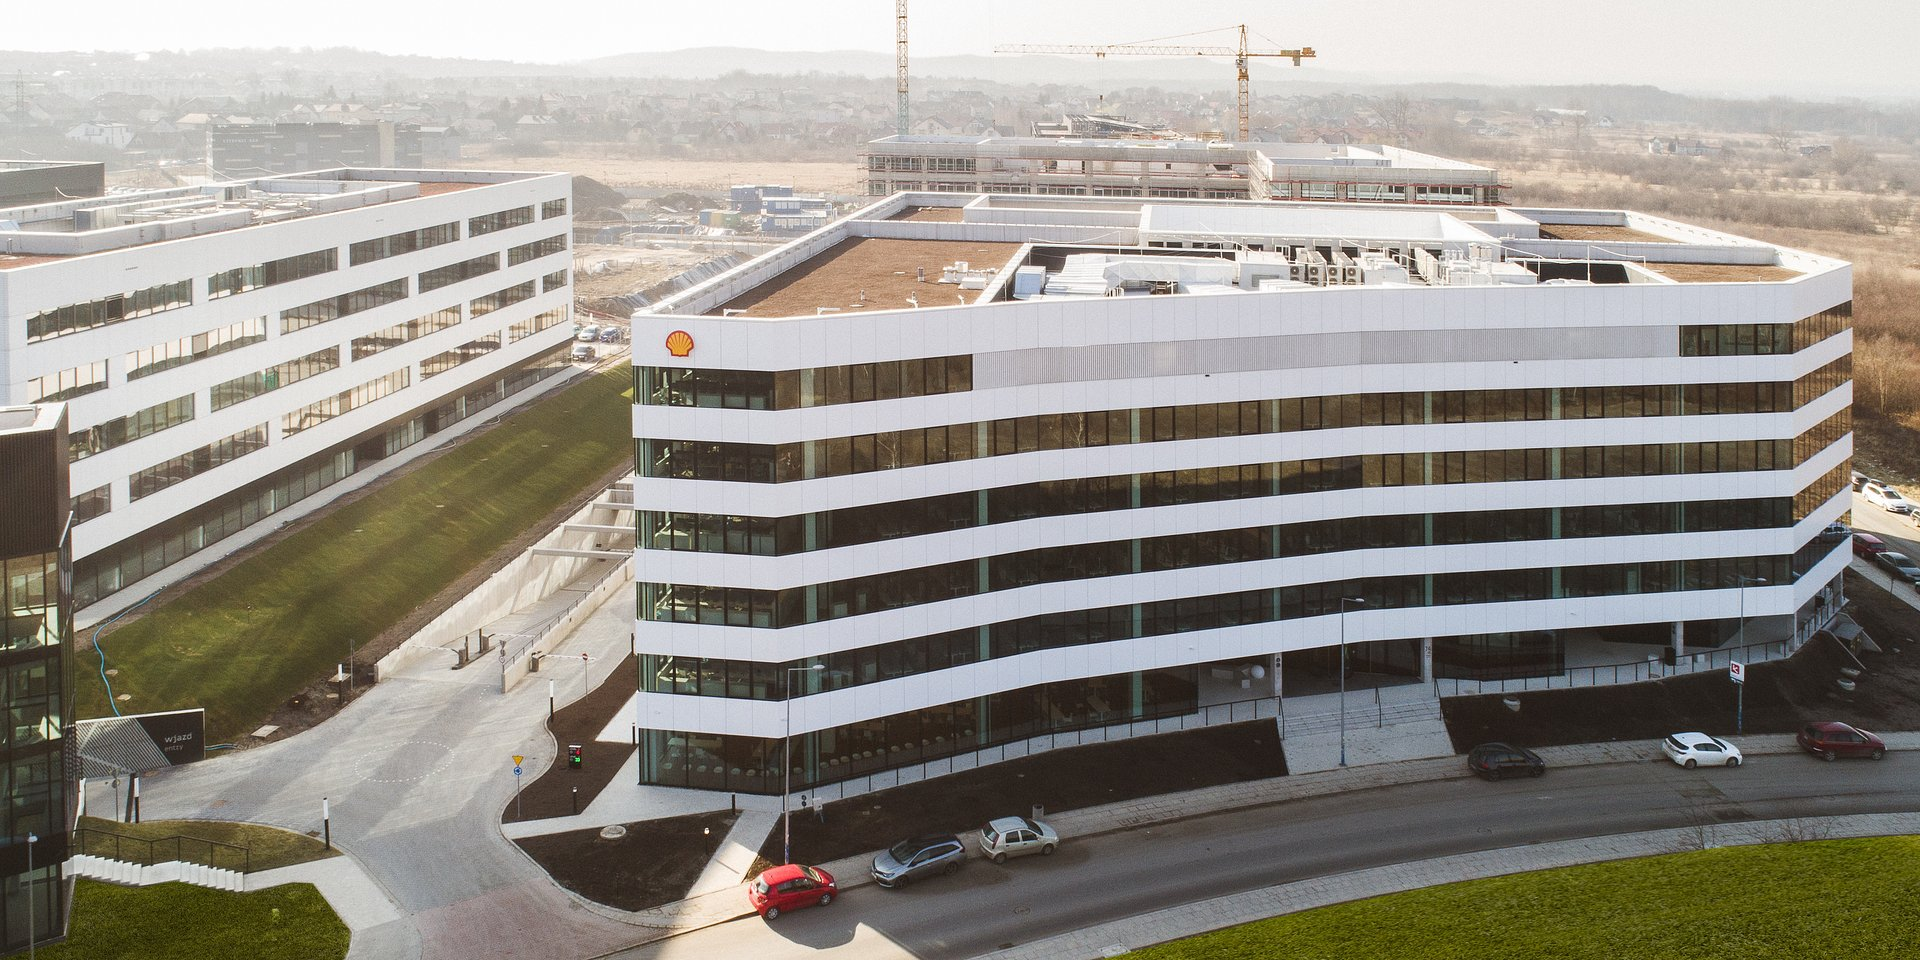 Nowe miejsca pracy w Małopolsce: Shell zwiększa inwestycje w Krakowie